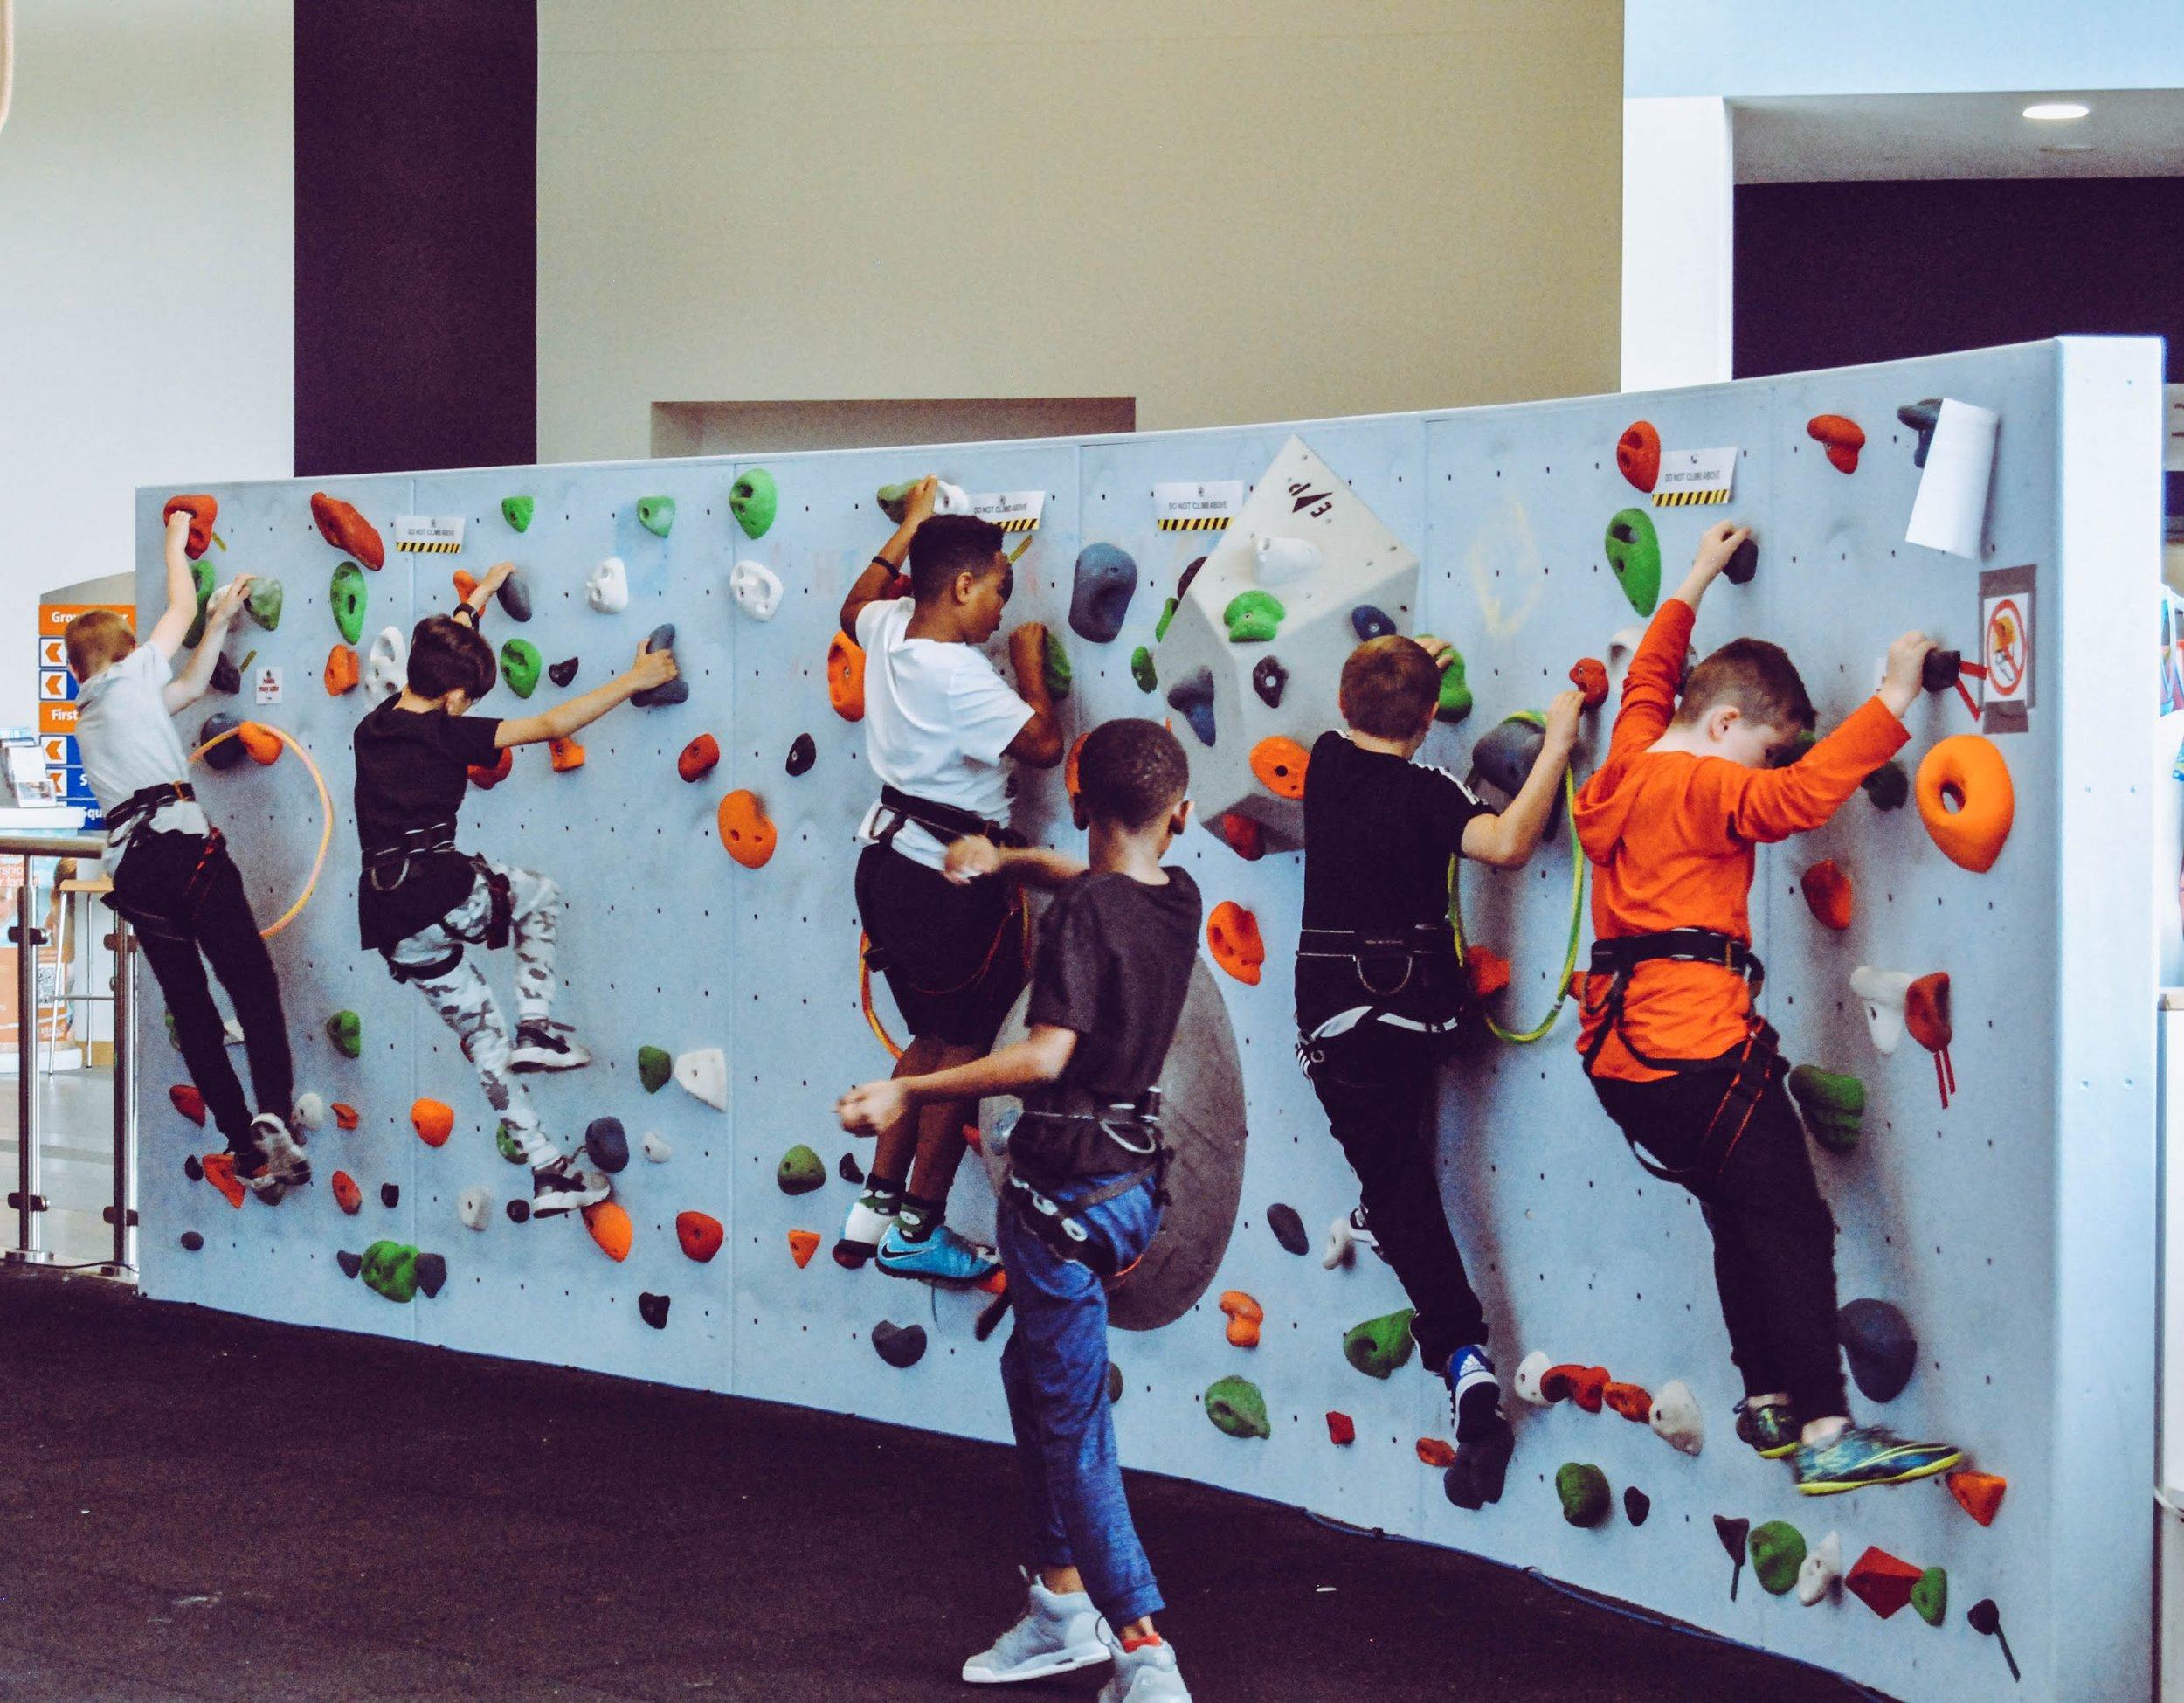 climbing hi (fa!) - After-School Program